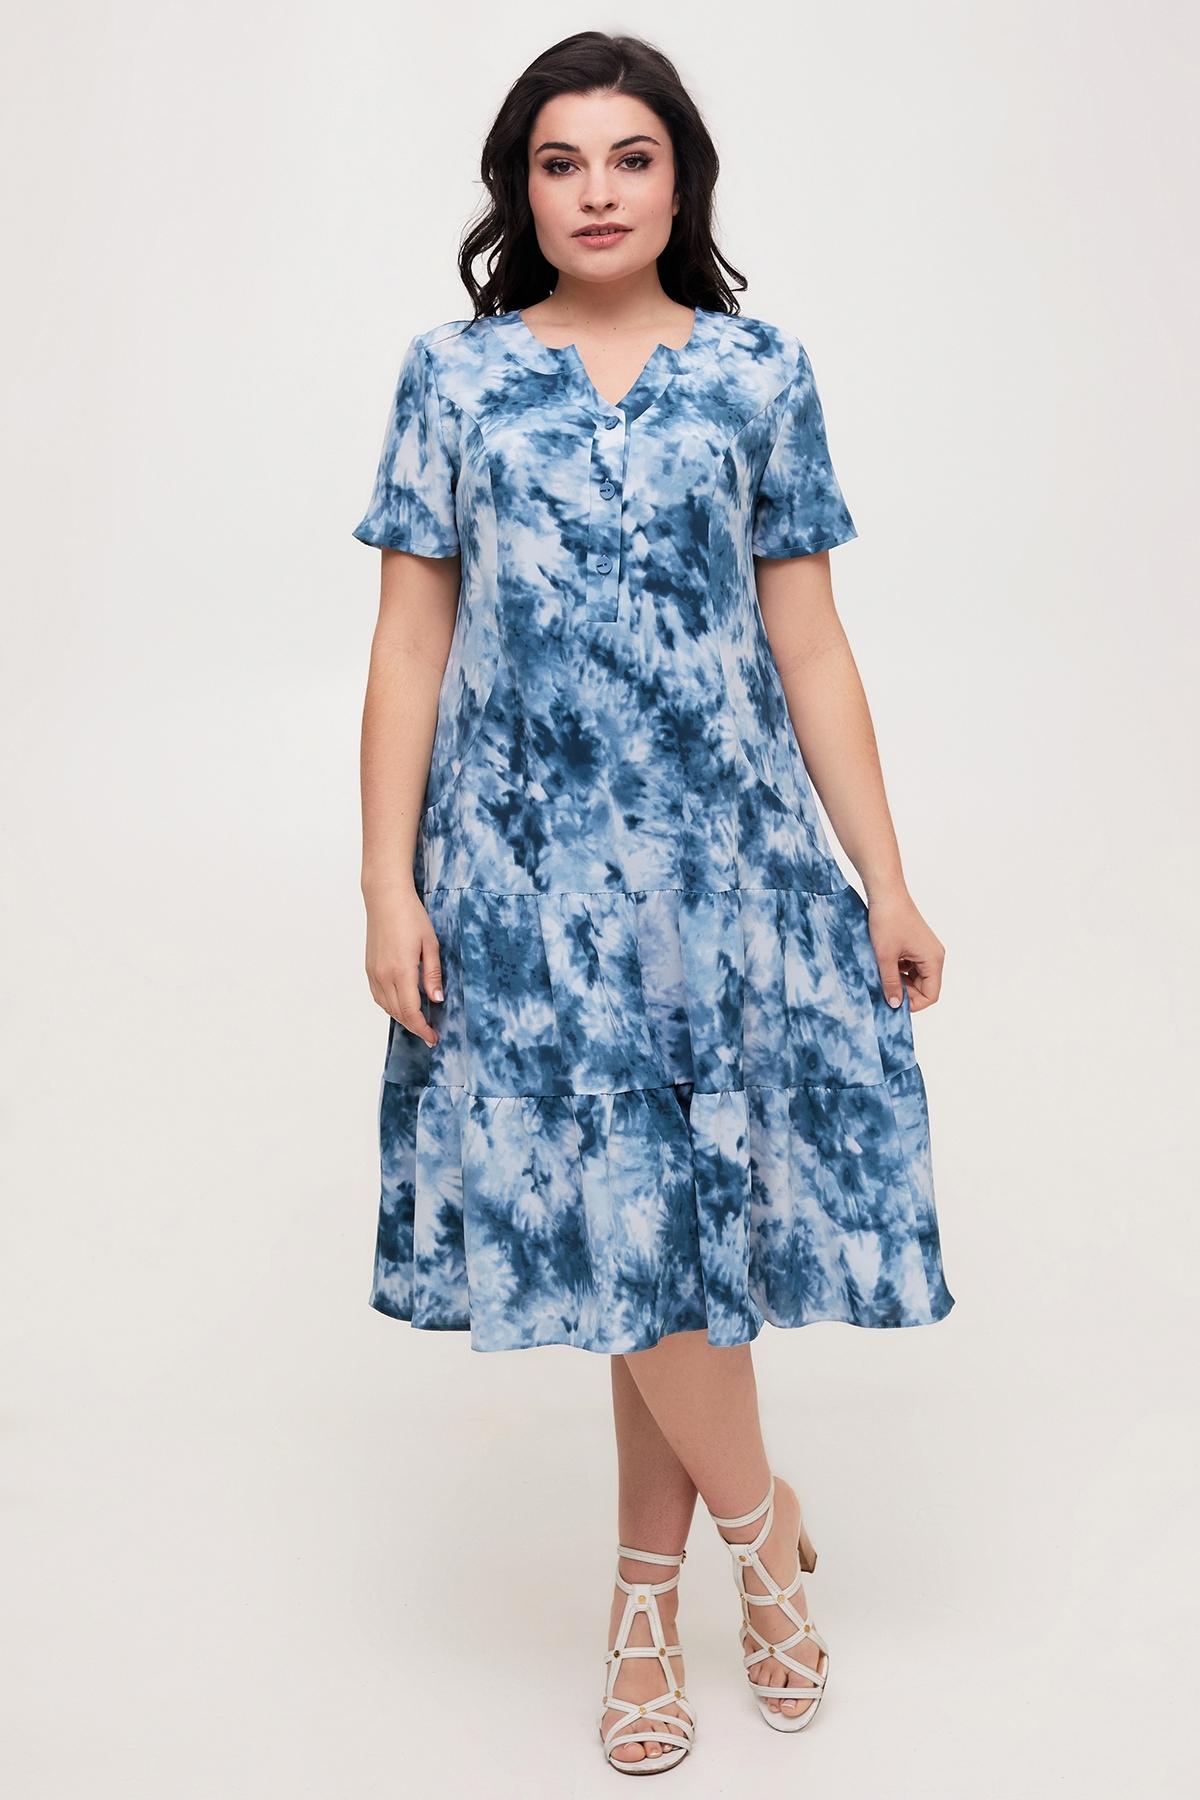 Купить платье больших размеров, купить платье летнее